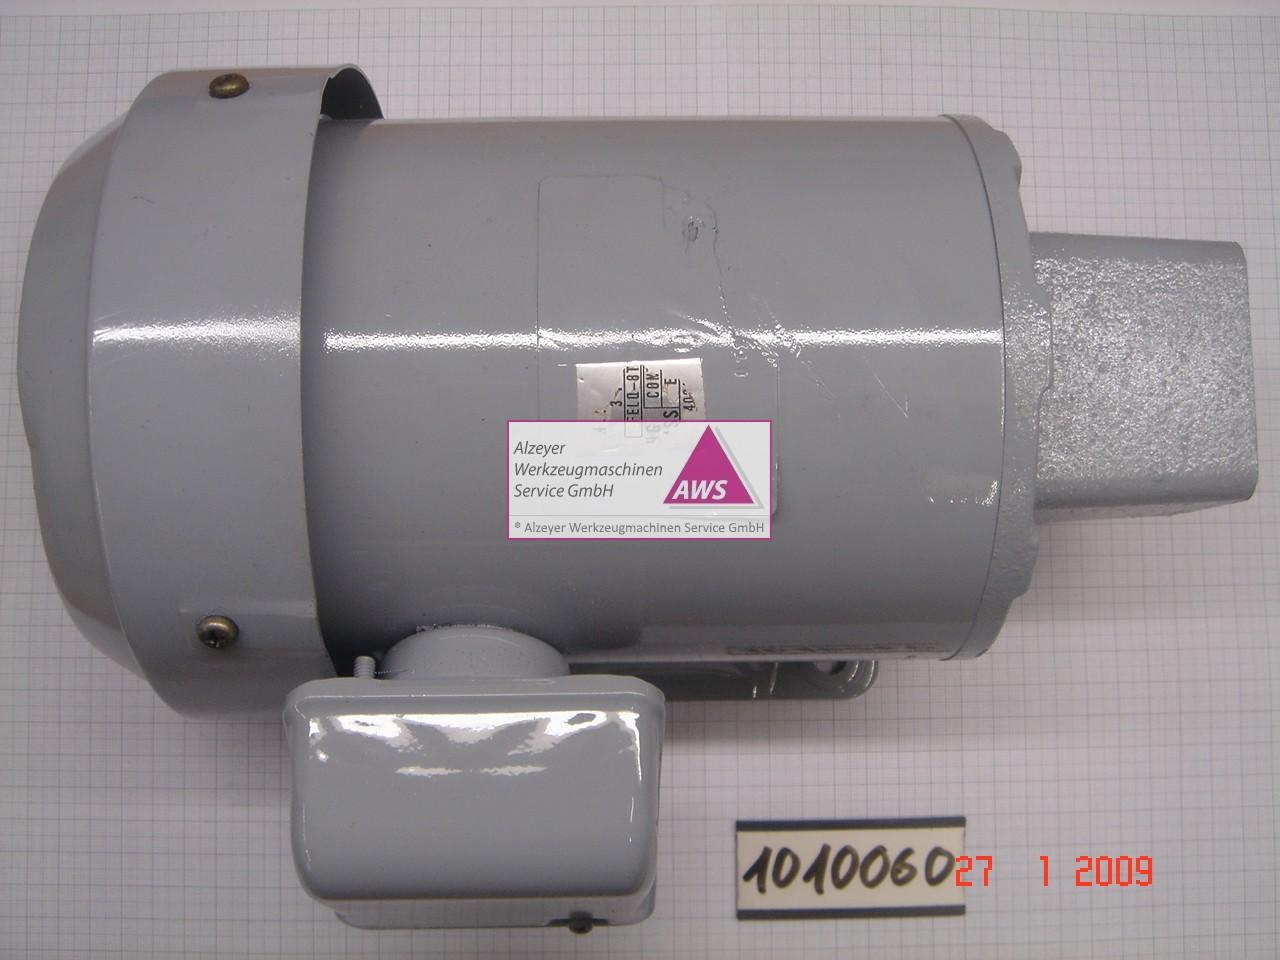 Pumpenmotor TOP 2M 750W 200V